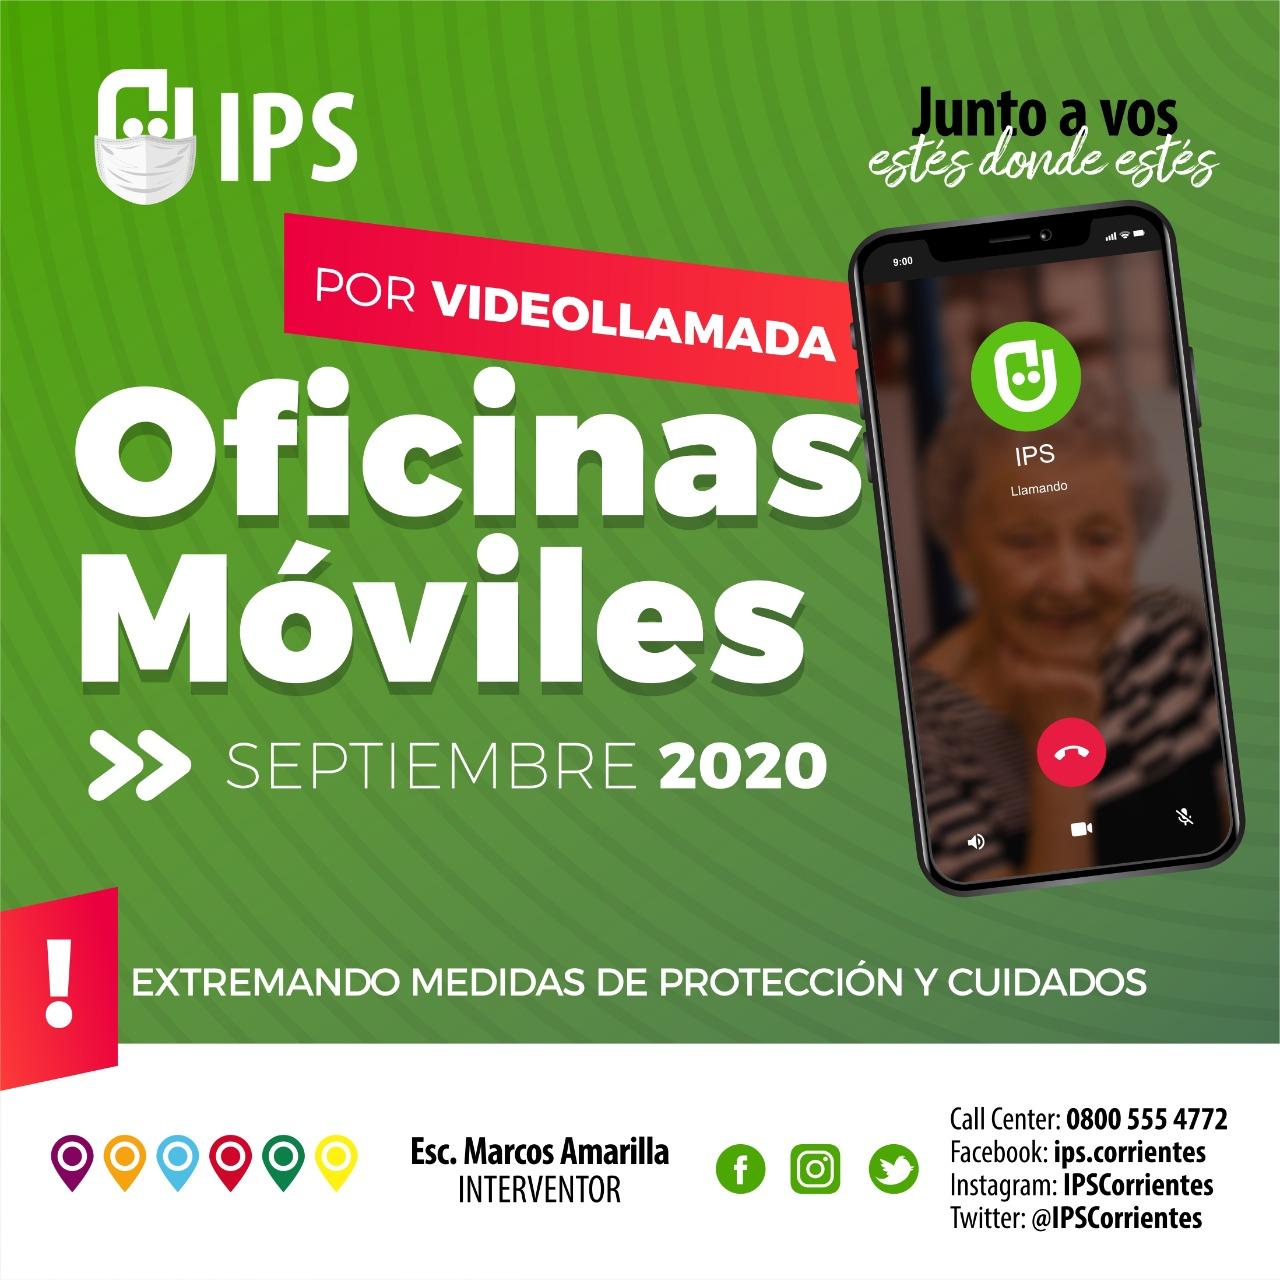 IPS instrumenta videollamadas para sus Oficinas Móviles